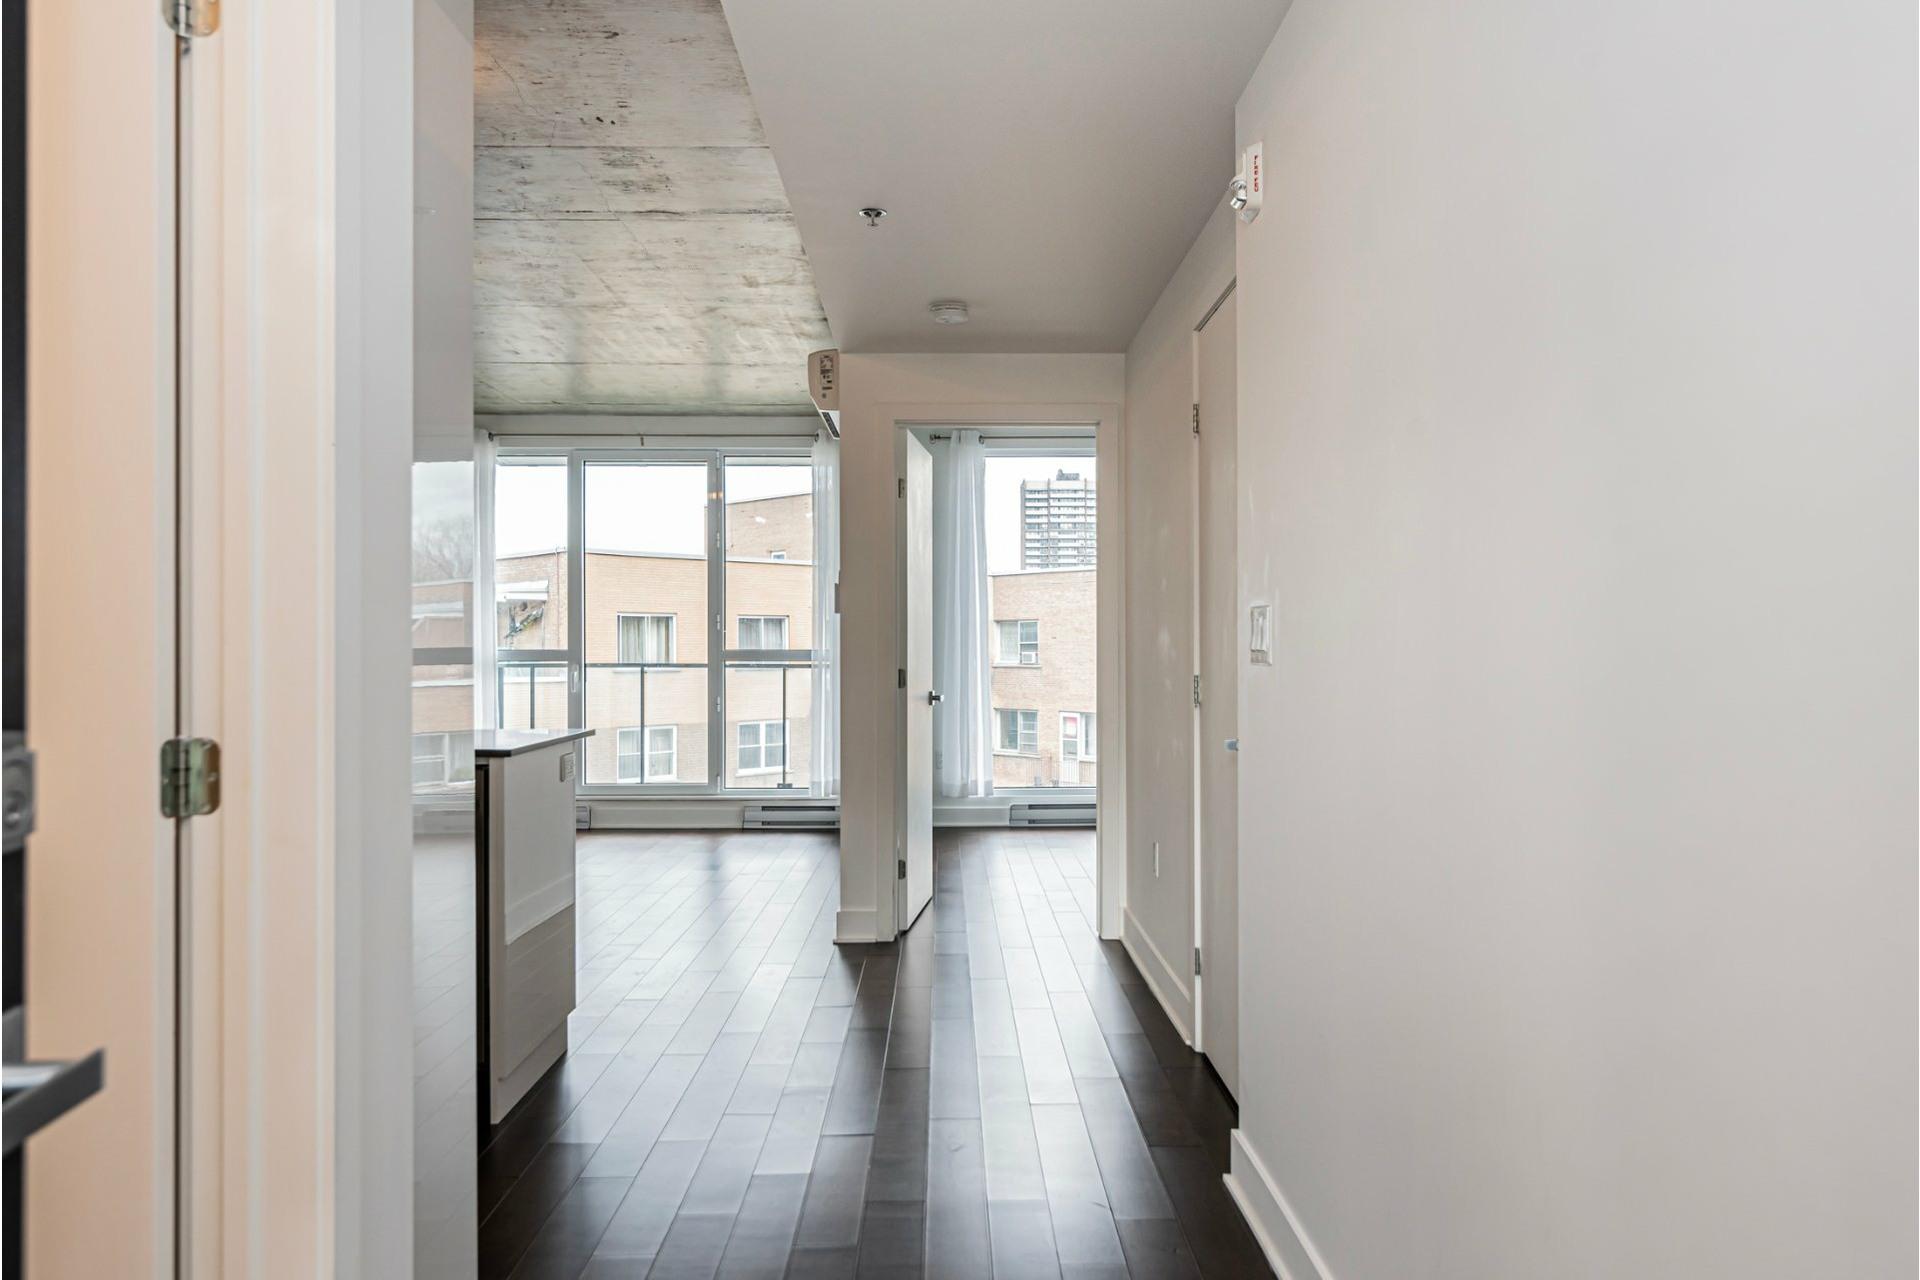 image 2 - Appartement À louer Côte-des-Neiges/Notre-Dame-de-Grâce Montréal  - 6 pièces